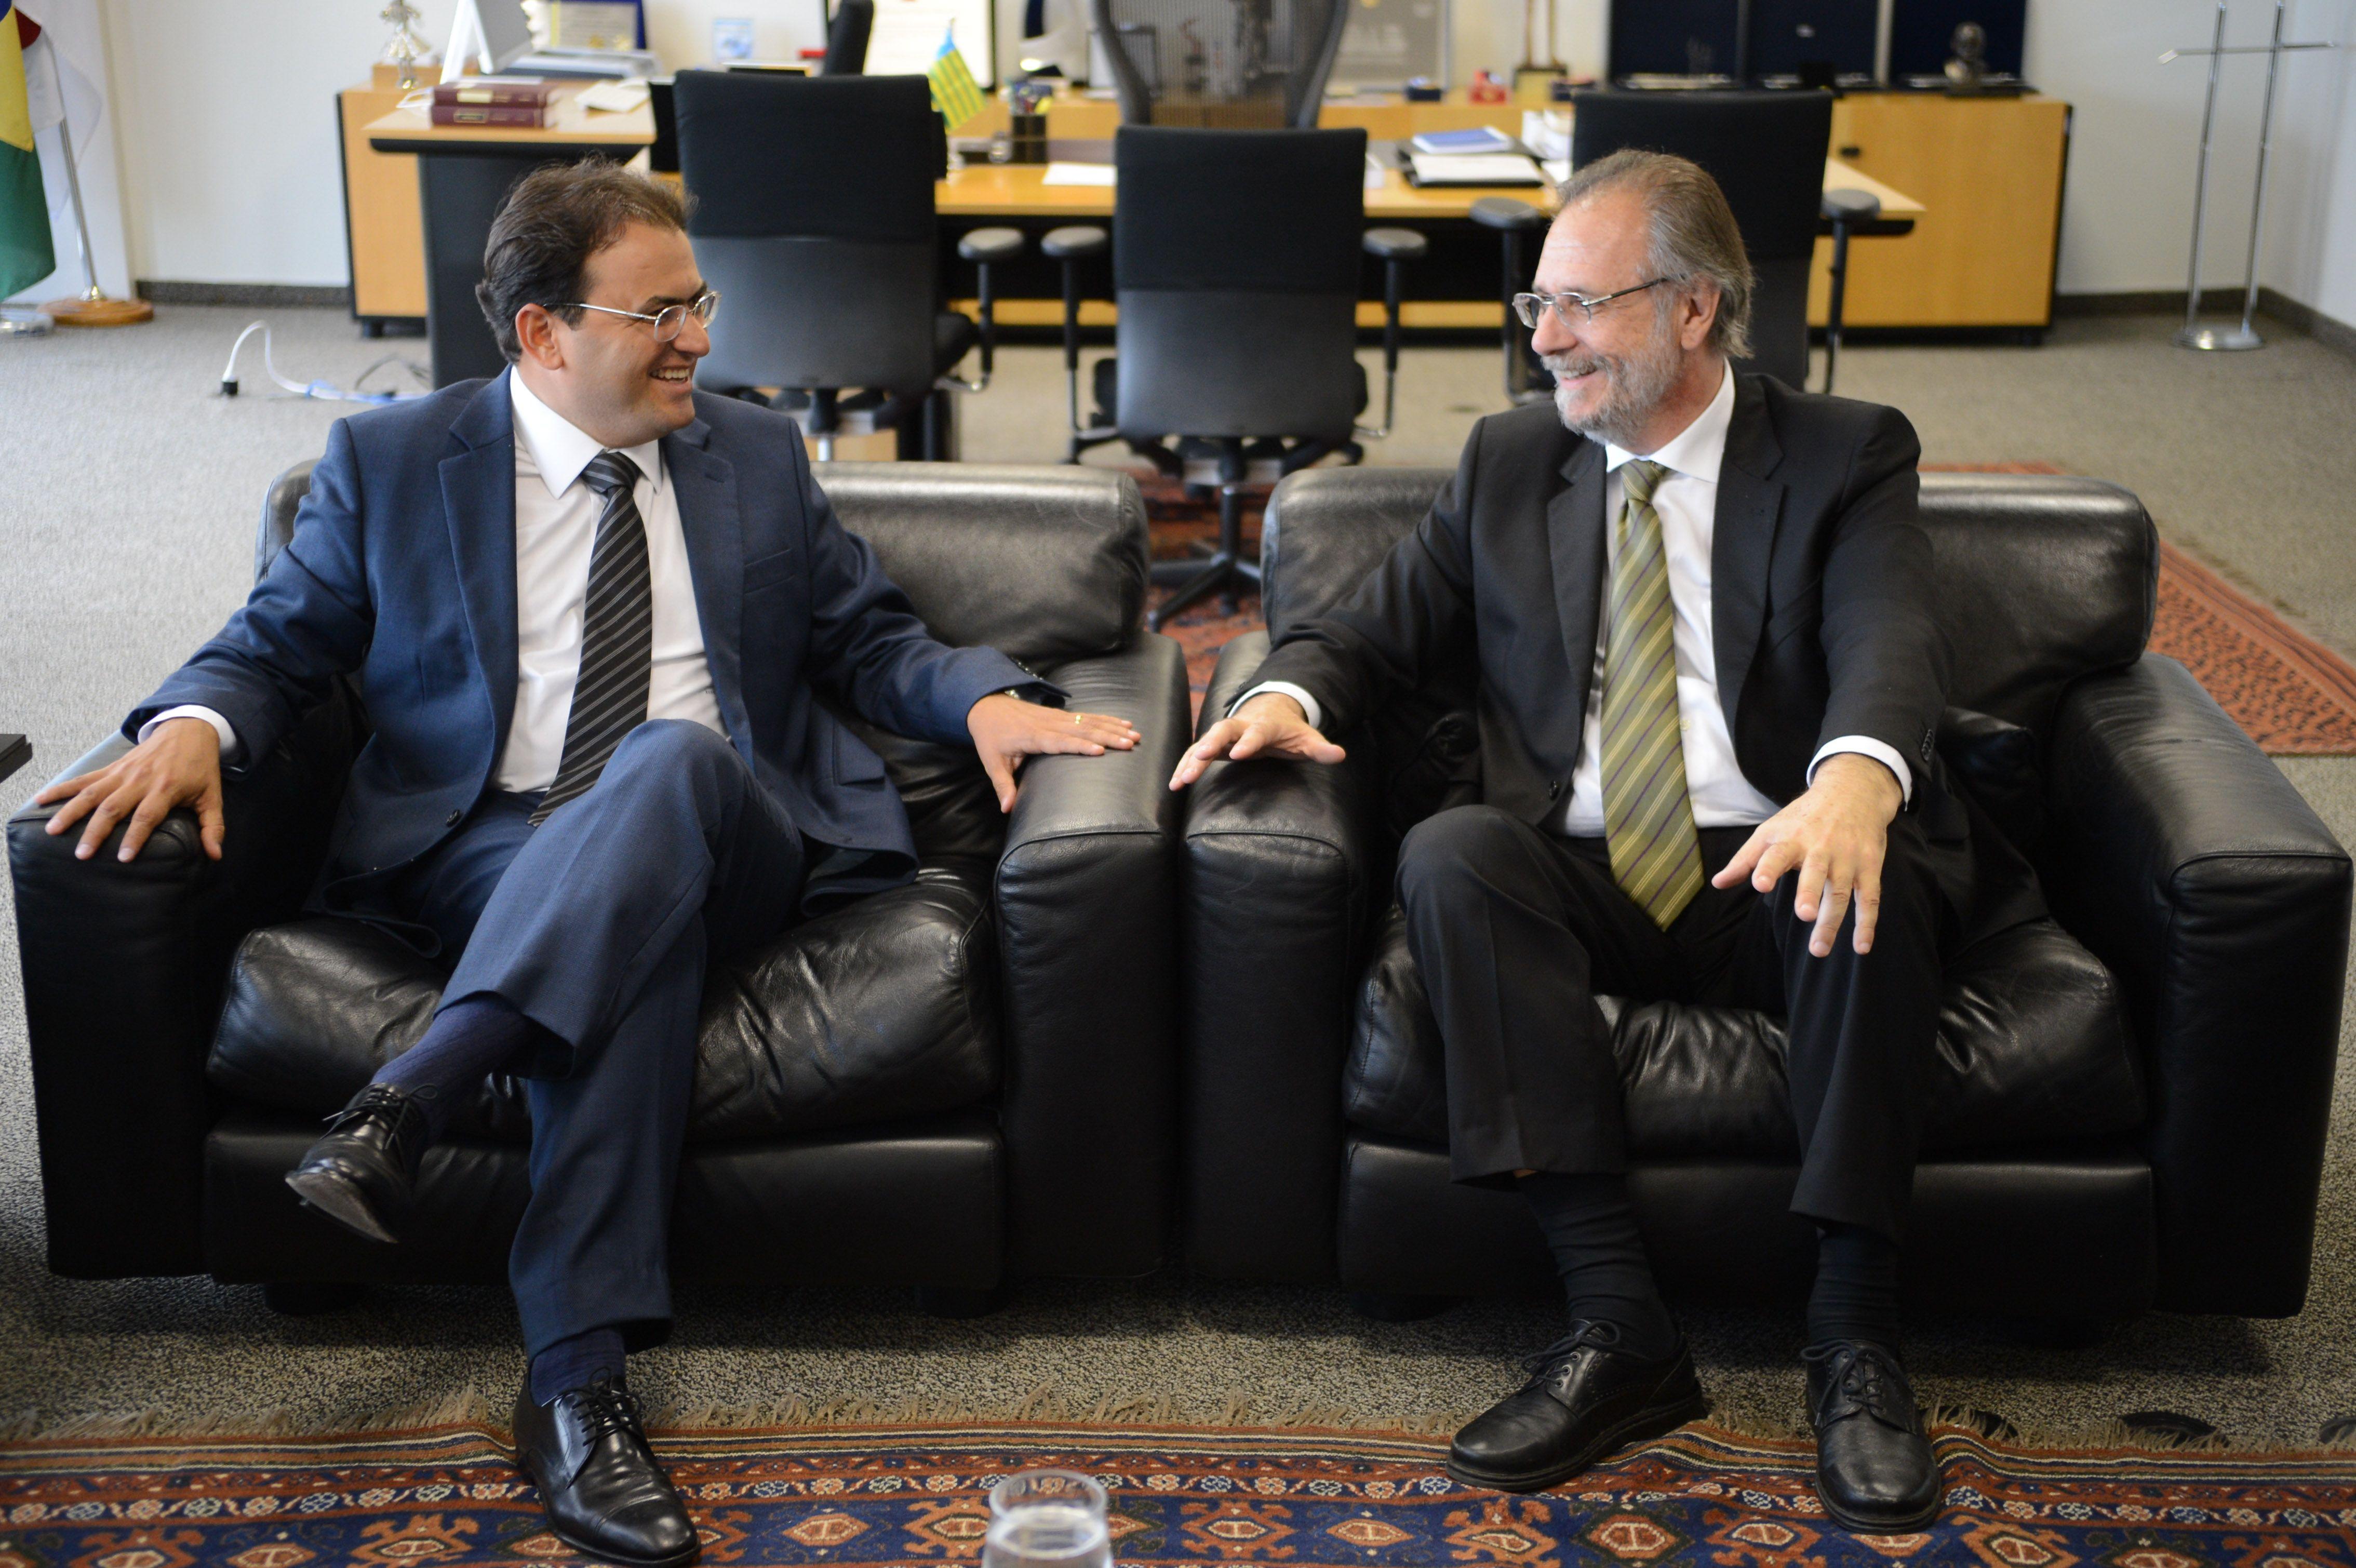 O ministro da Secretaria-Geral da Presidência, Miguel Rossetto e o presidente da OAB, Marcus Vinicius Furtado Coêlho